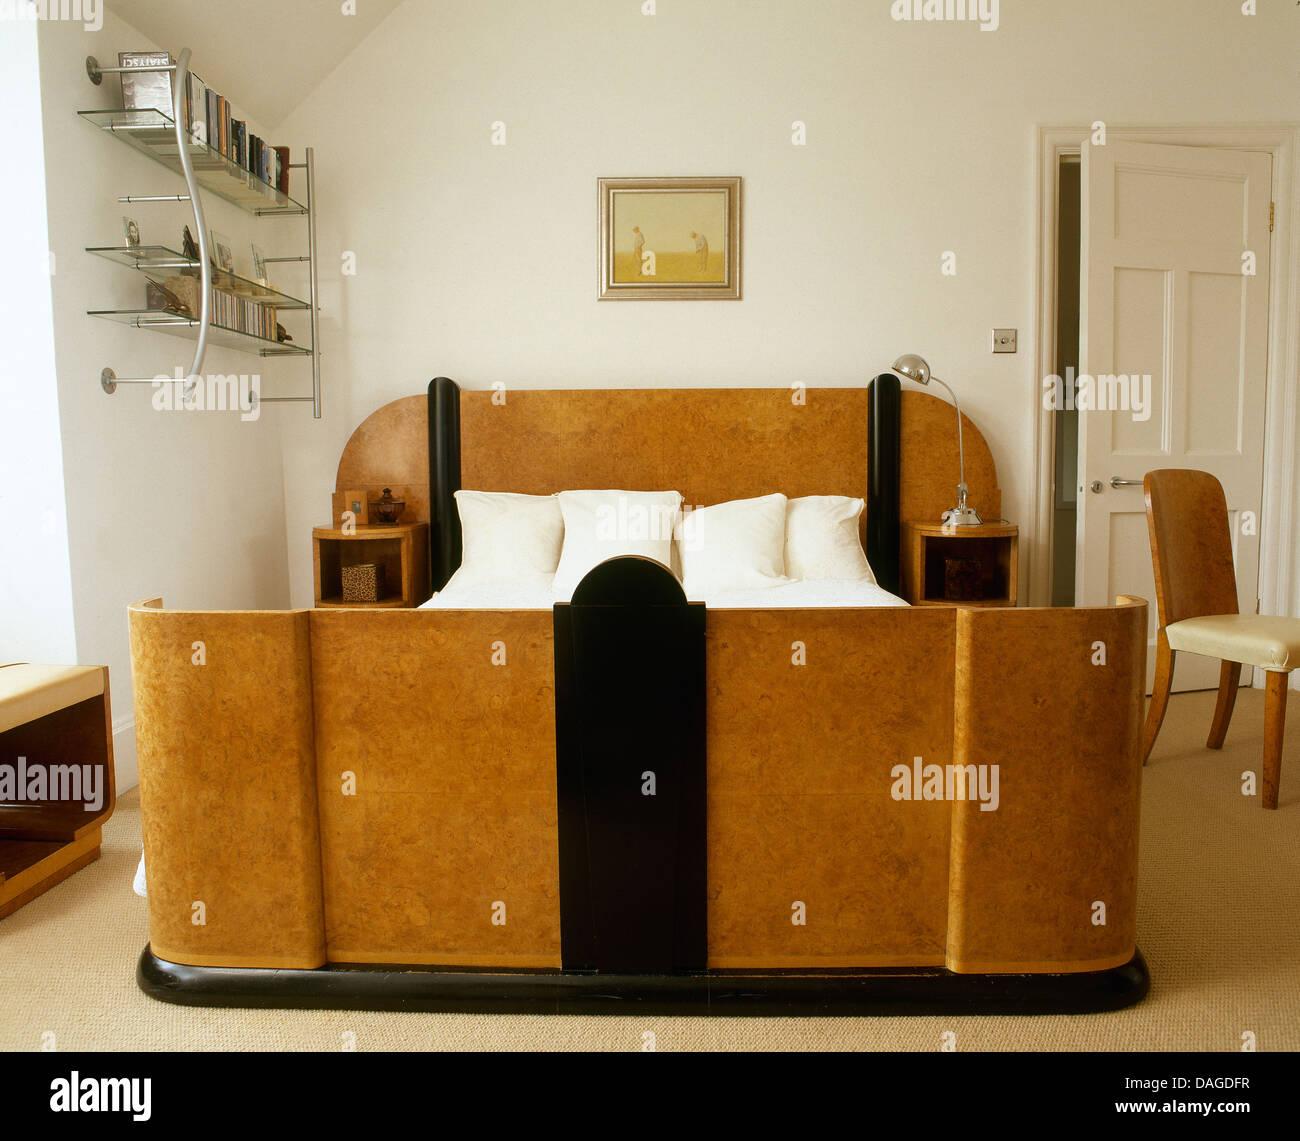 maison de ville de style art dco chambre avec lit double et dtagres en mtal